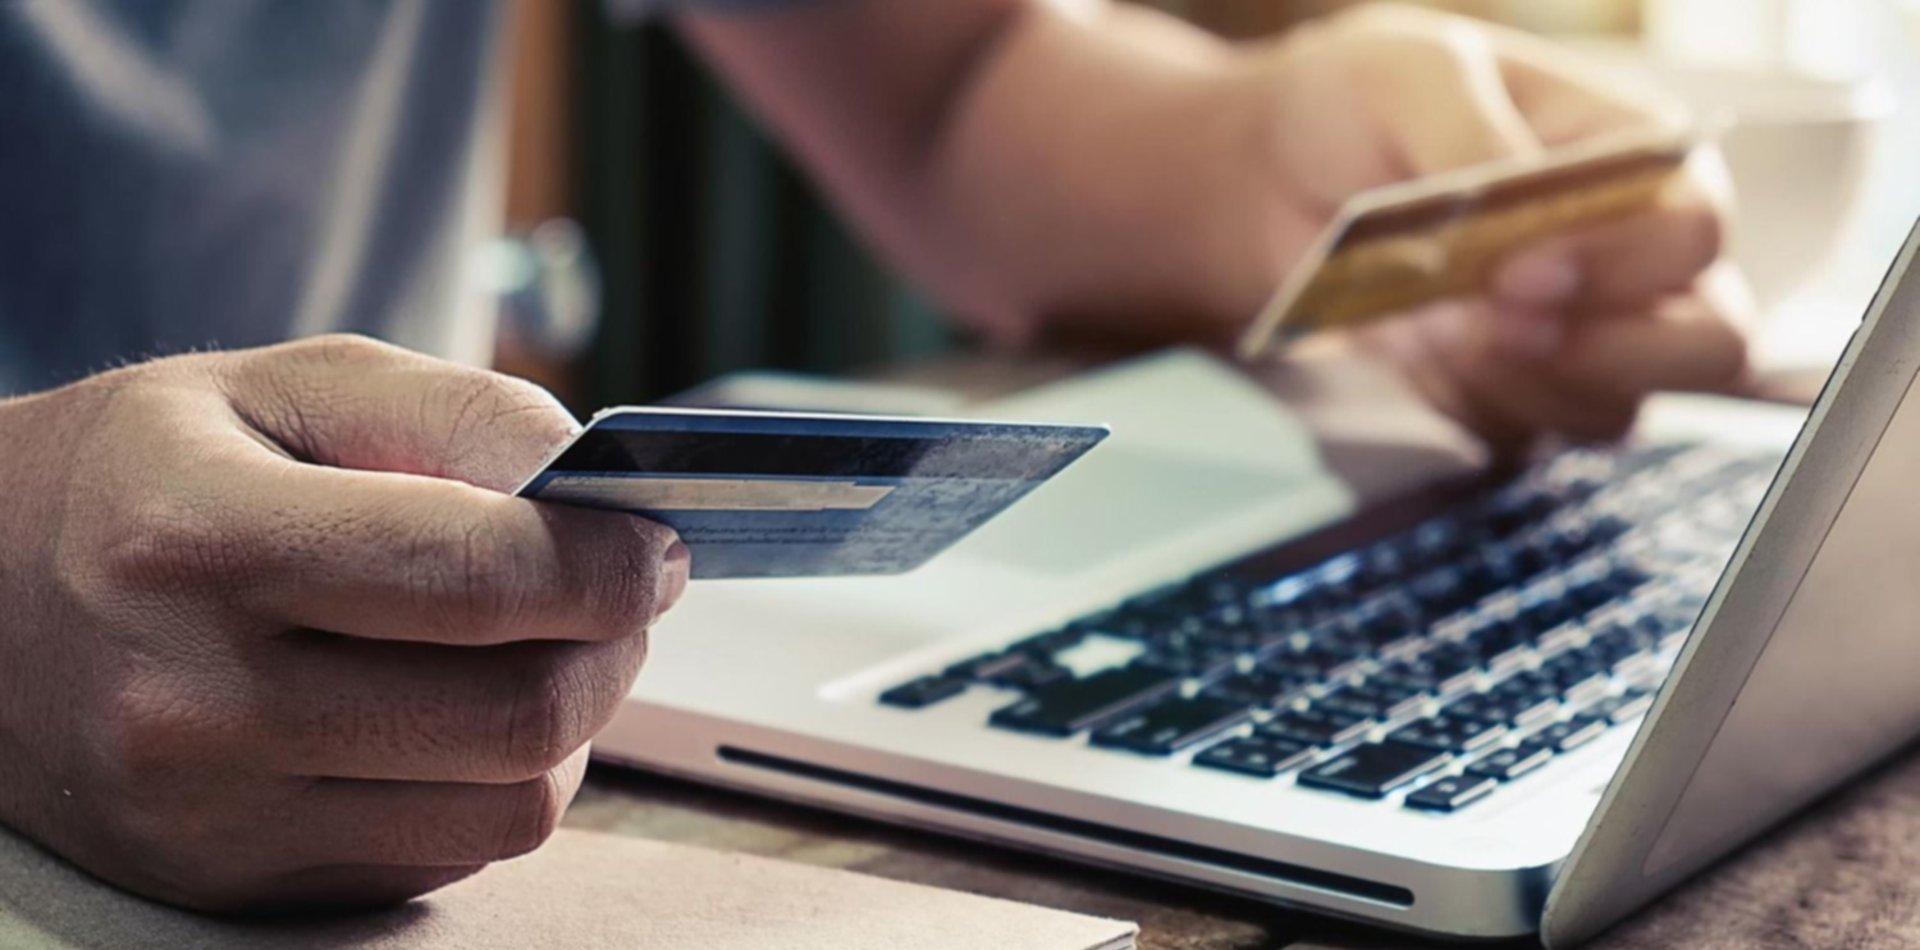 Supermercados Día desembarca con su venta online en La Plata en pleno CyberMonday